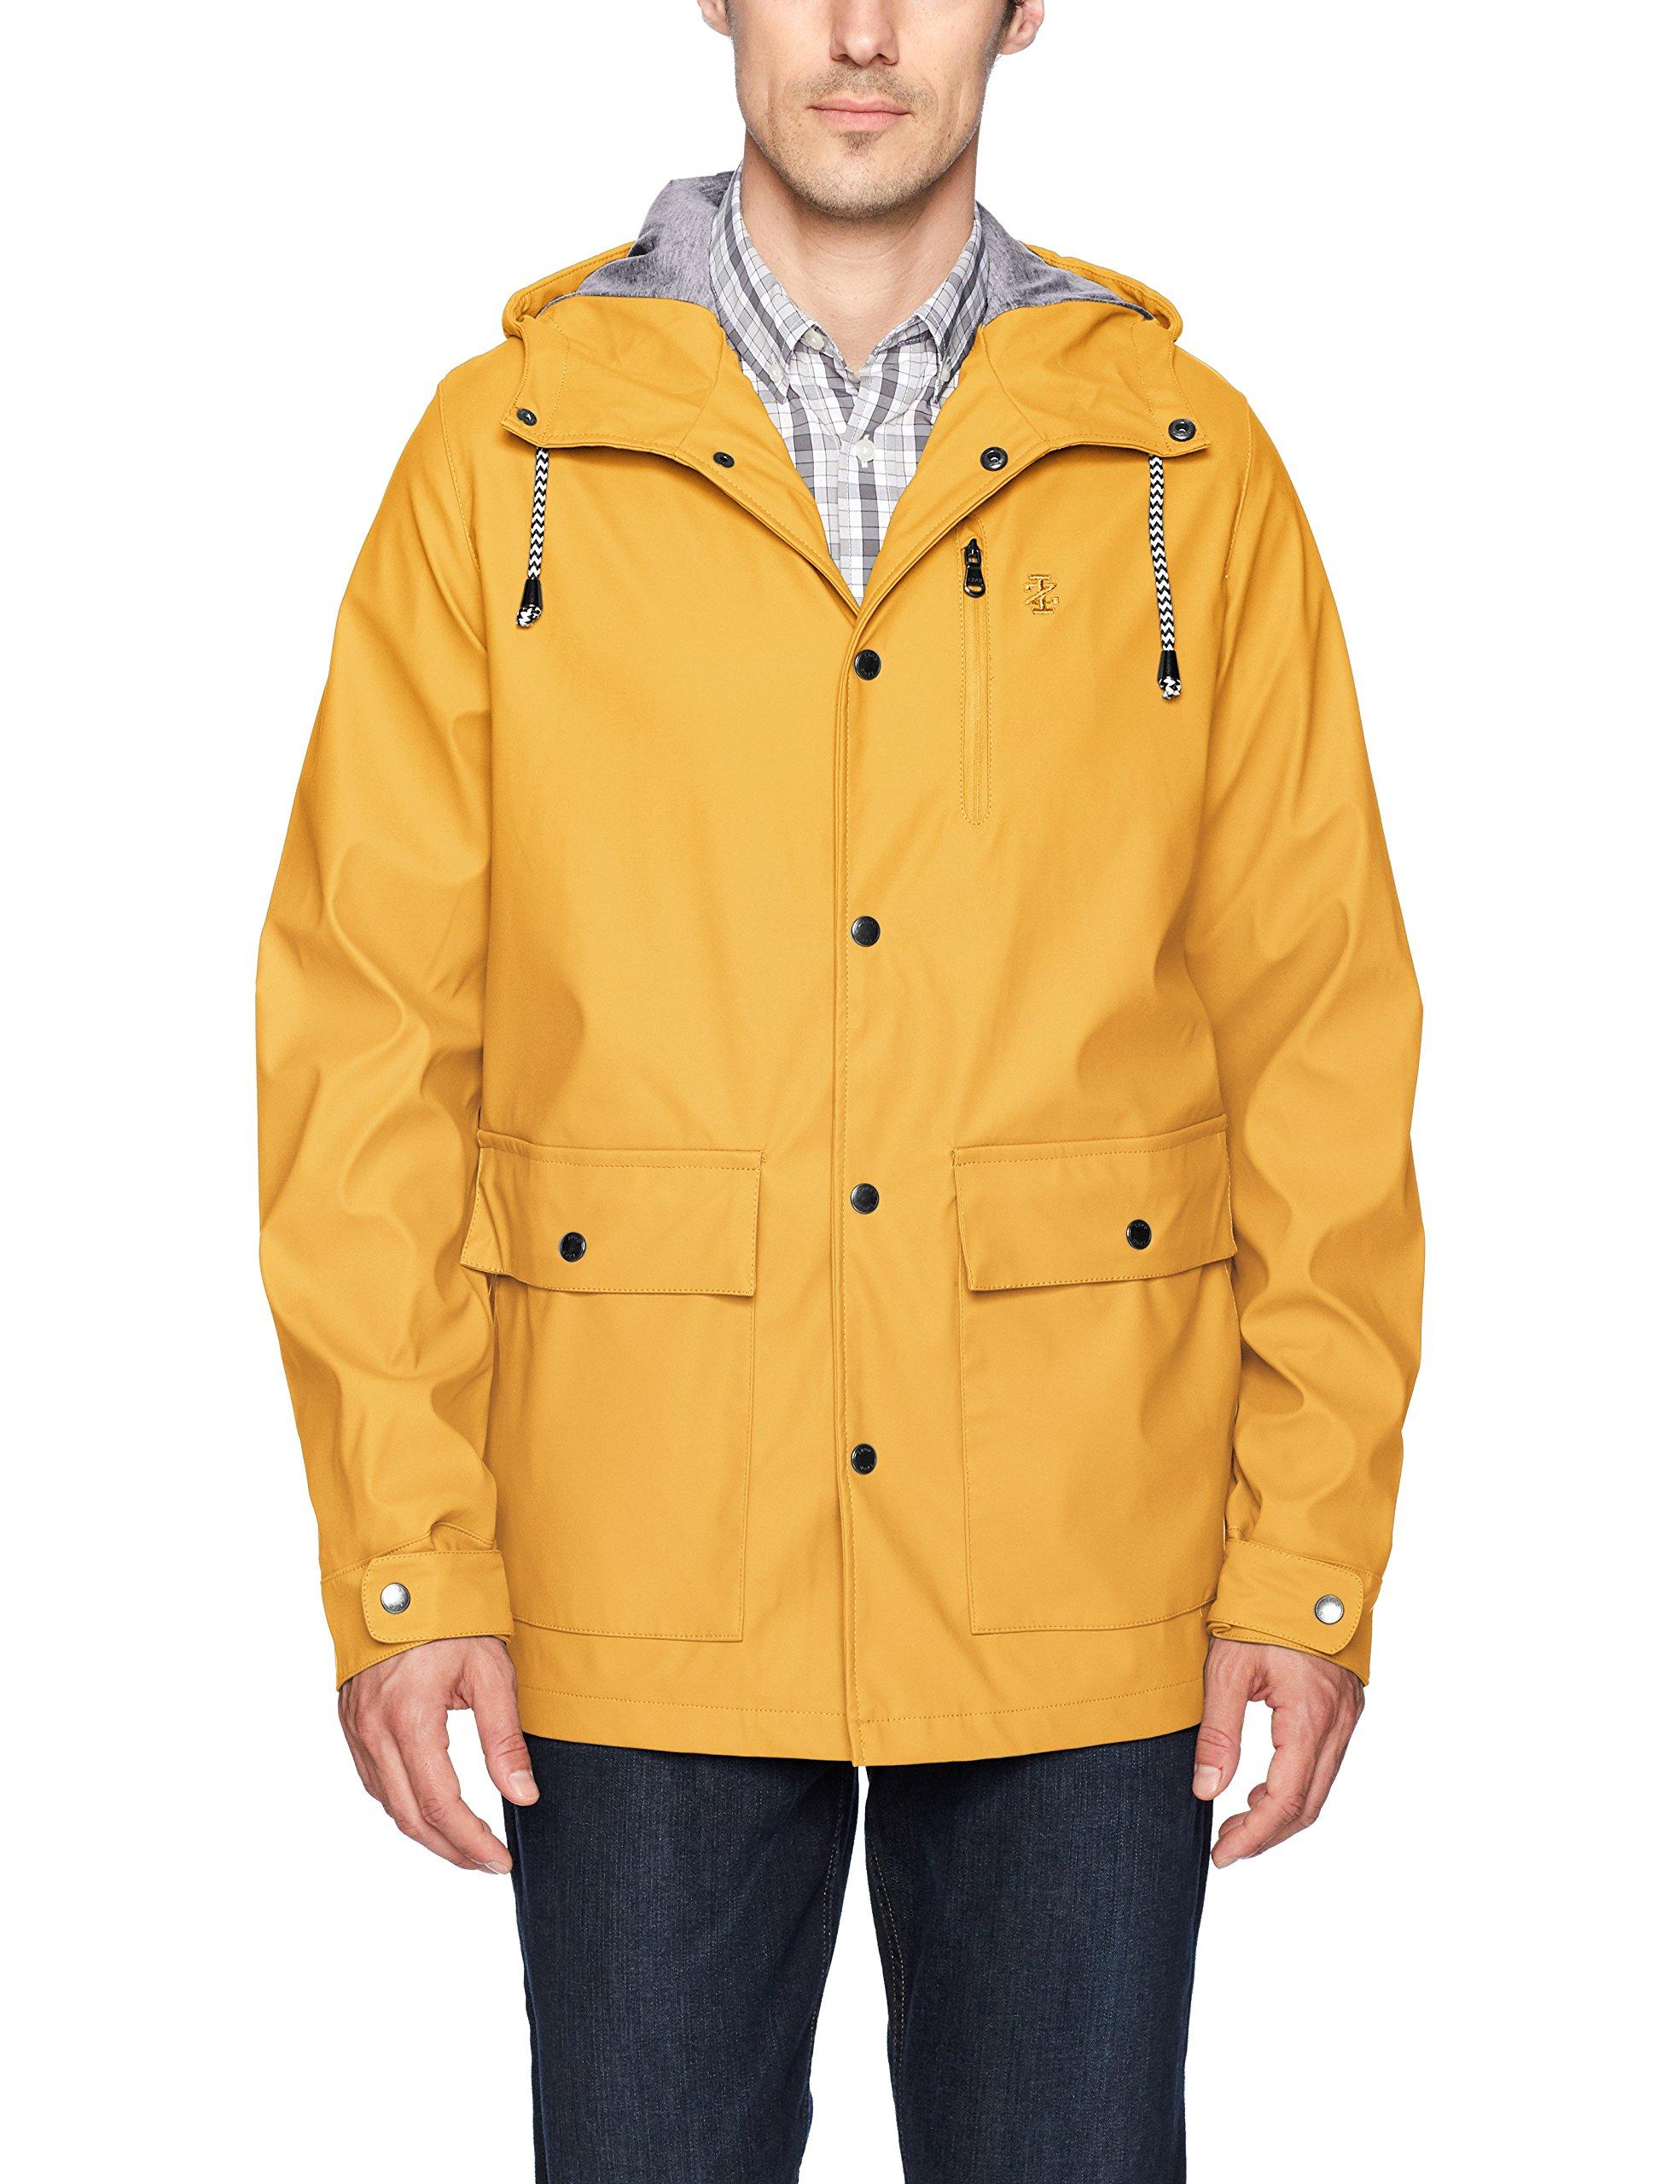 IZOD Men's True Slicker Rain Jacket, Yellow, L by IZOD